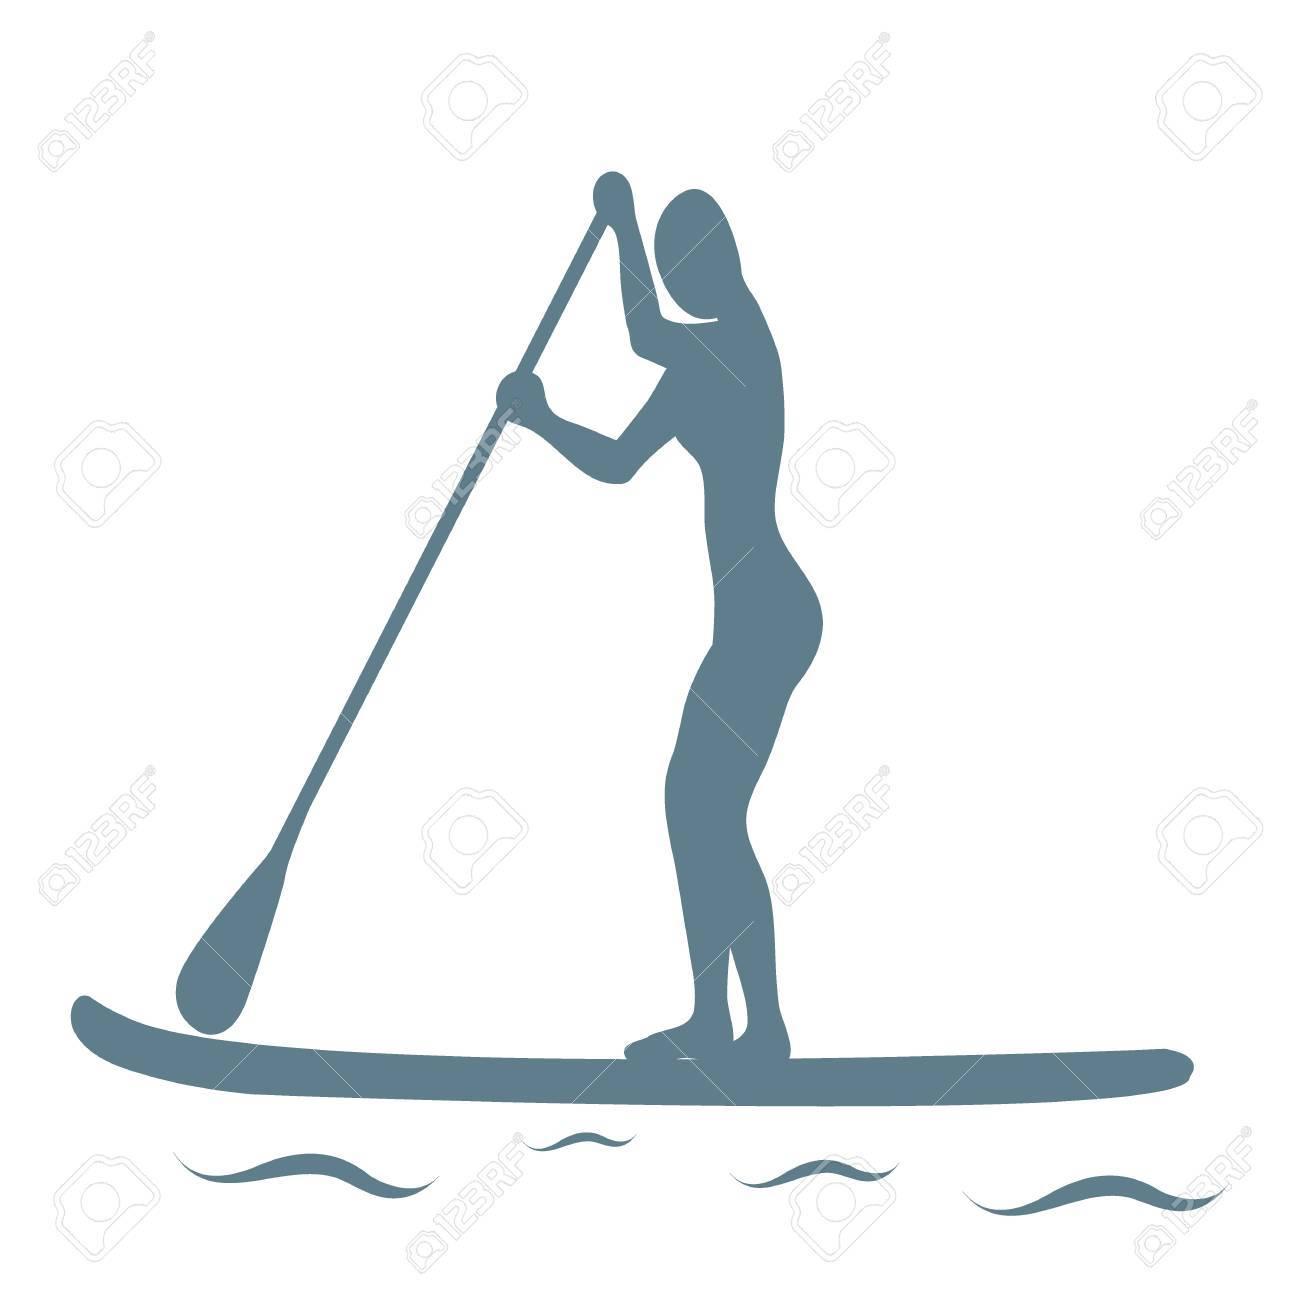 """Résultat de recherche d'images pour """"photo paddle libre droit"""""""